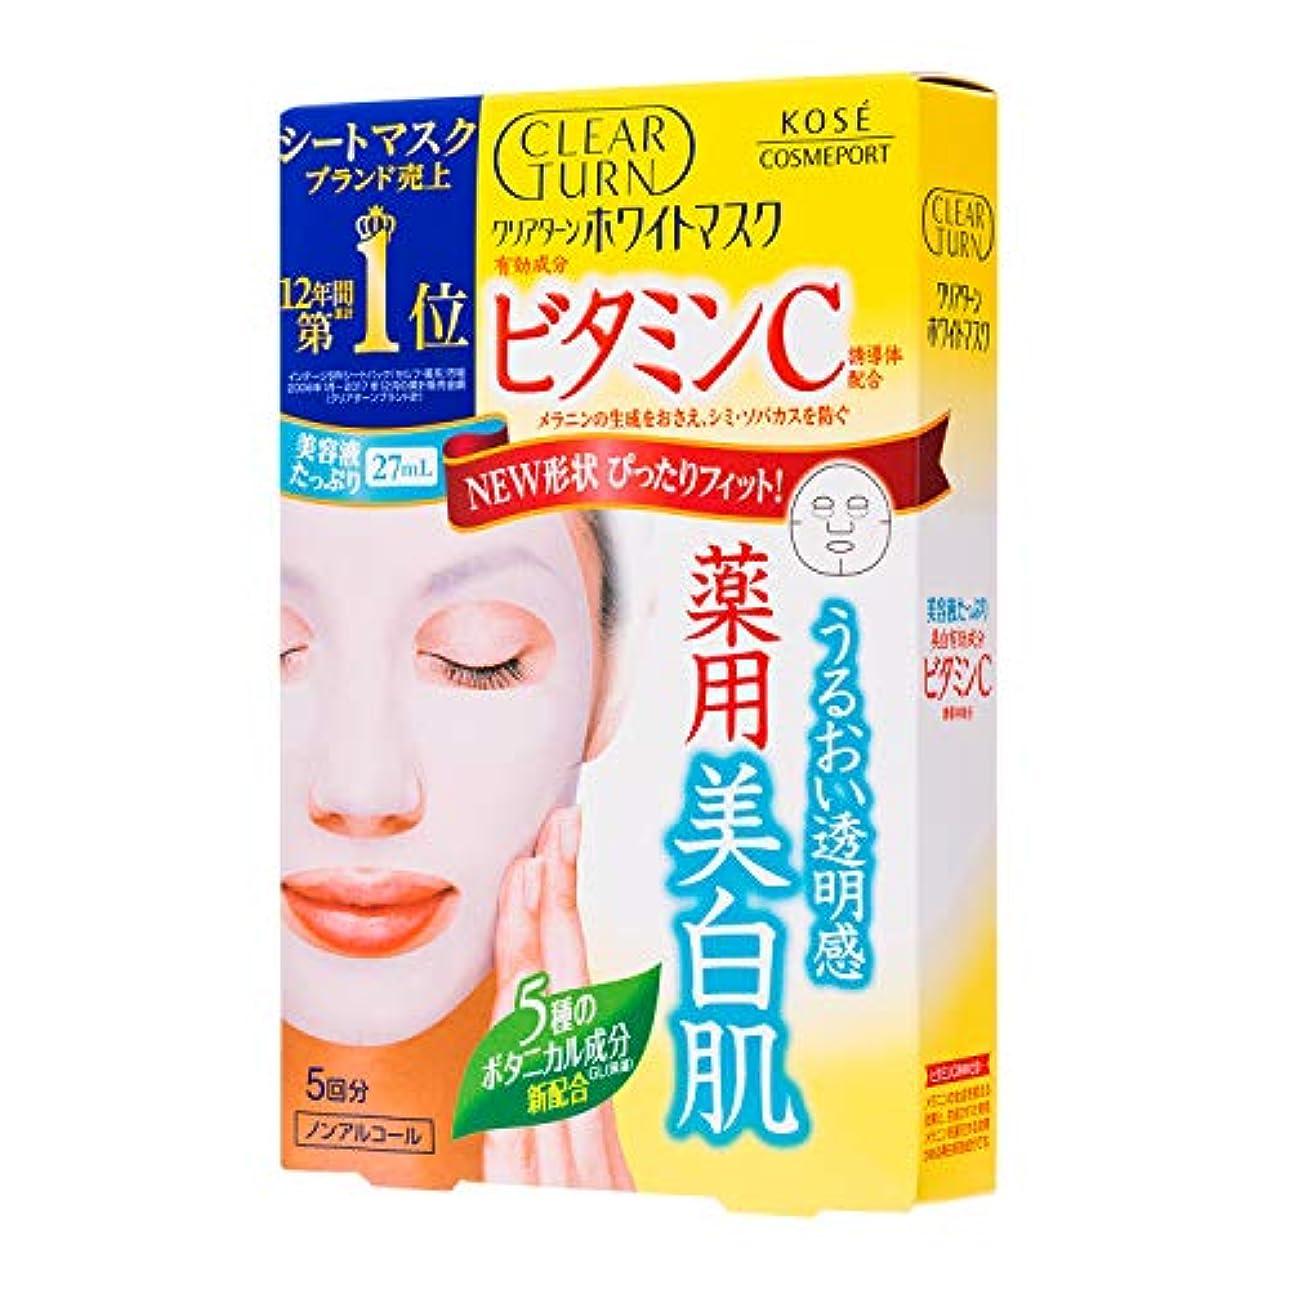 おめでとうスリチンモイオアシスKOSE コーセー クリアターン ホワイト マスク VC (ビタミンC) 5枚 フェイスマスク